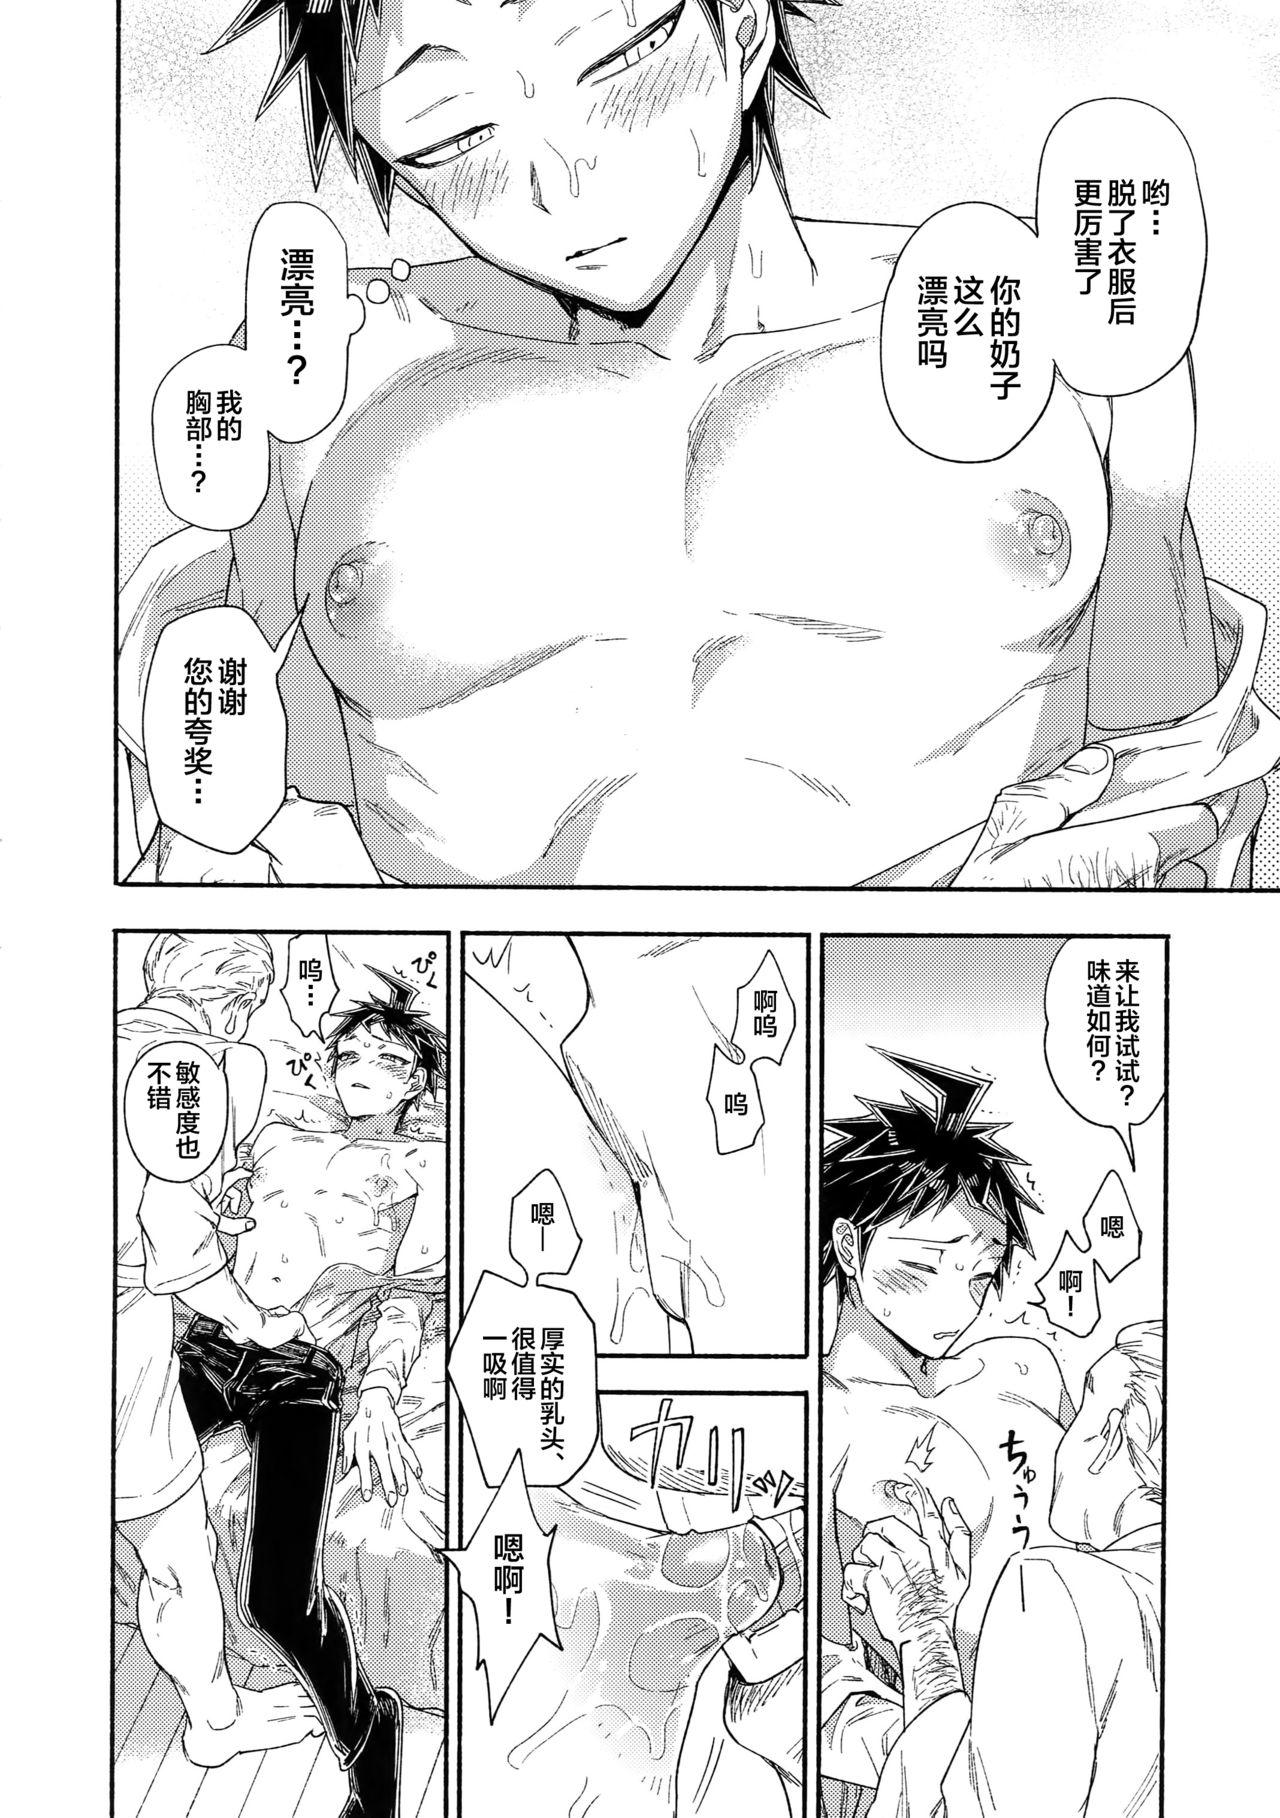 Aisareru Yobi Gakka 7